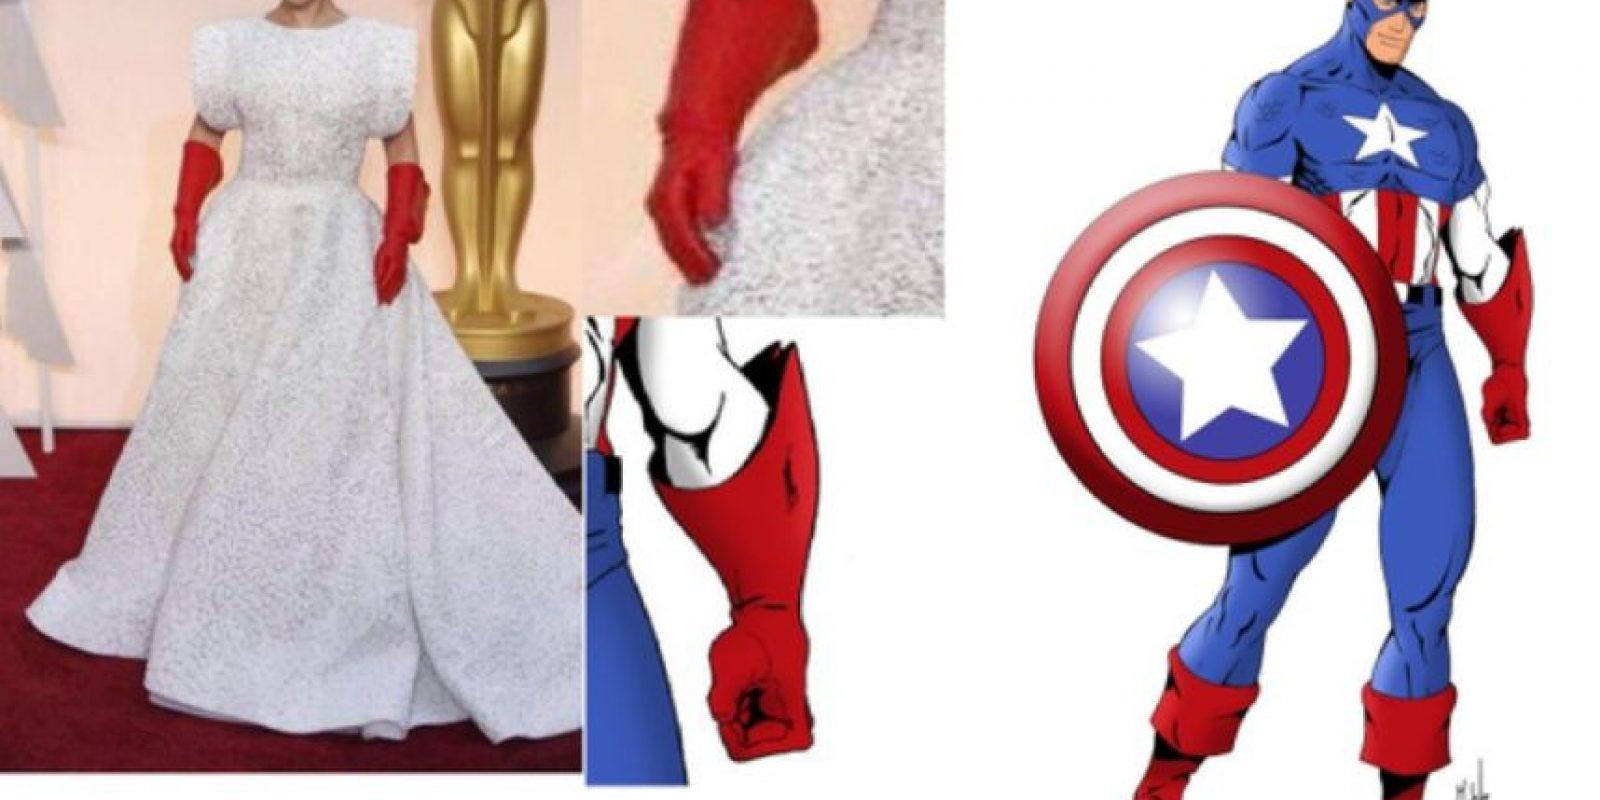 ¿Quién luce mejor los guantes? Foto:Twitter